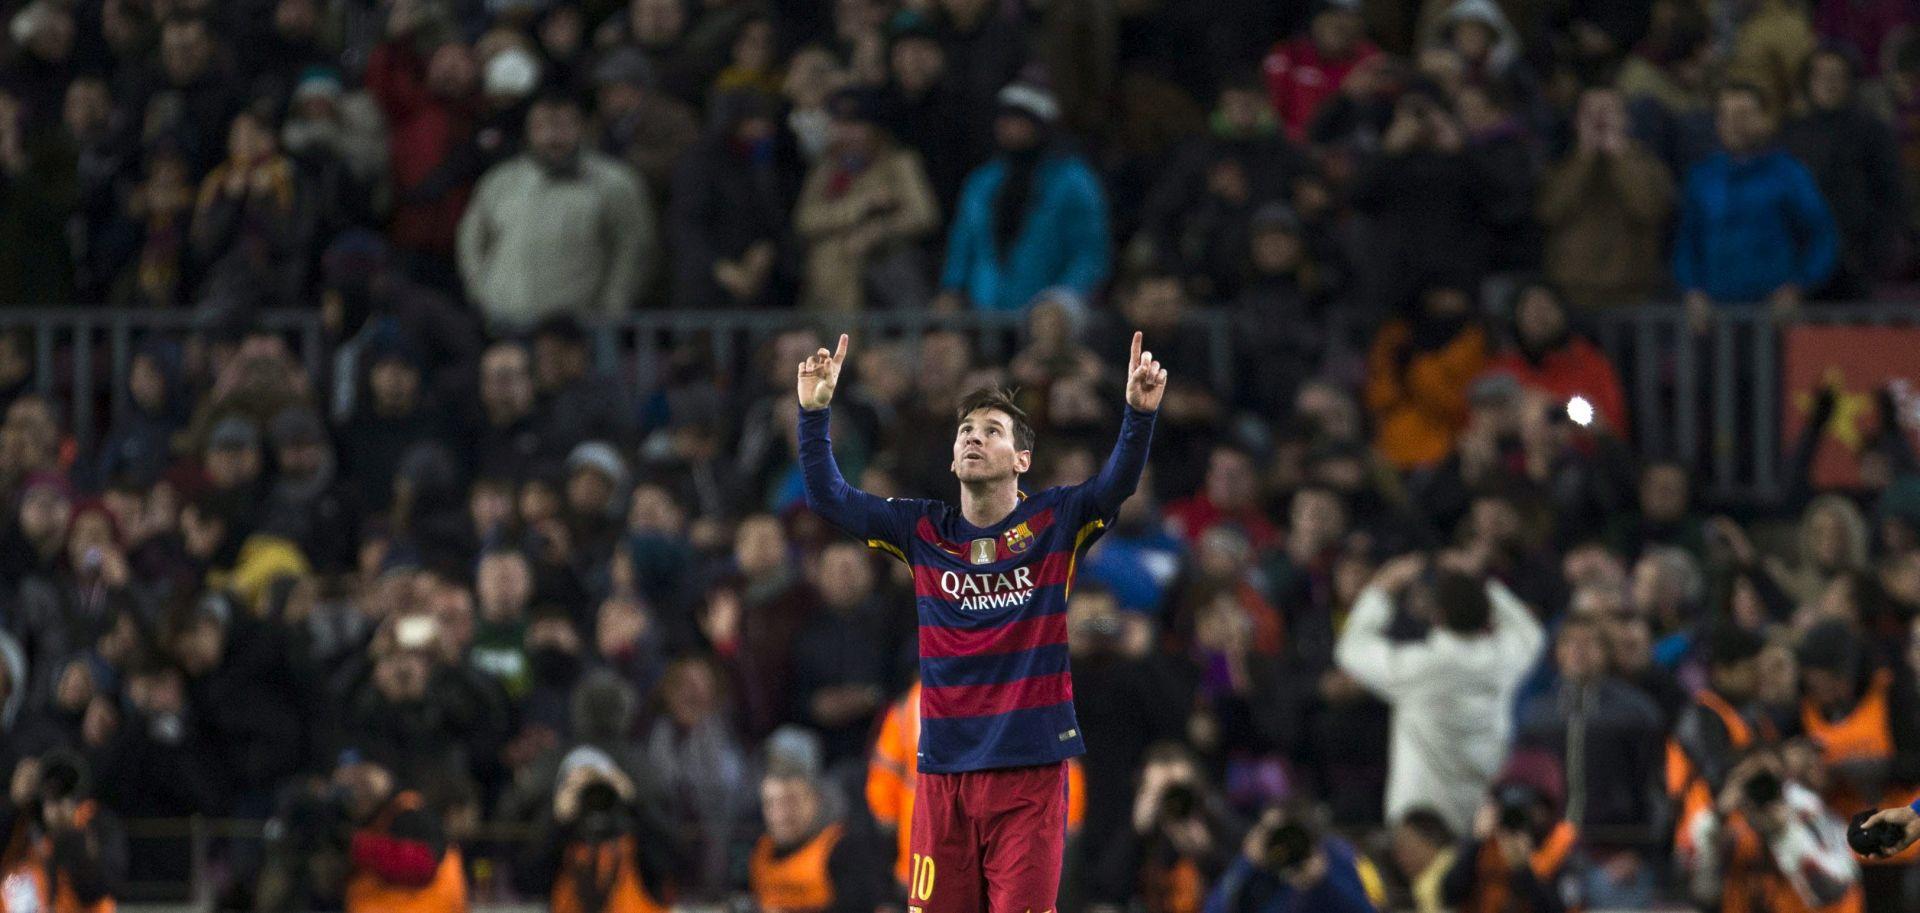 VIDEO: ŠPANJOLSKI KUP KRALJA Barcelona svladala Espanyol, Messi dvostruki strijelac i asistent, debitirao Arda Turan